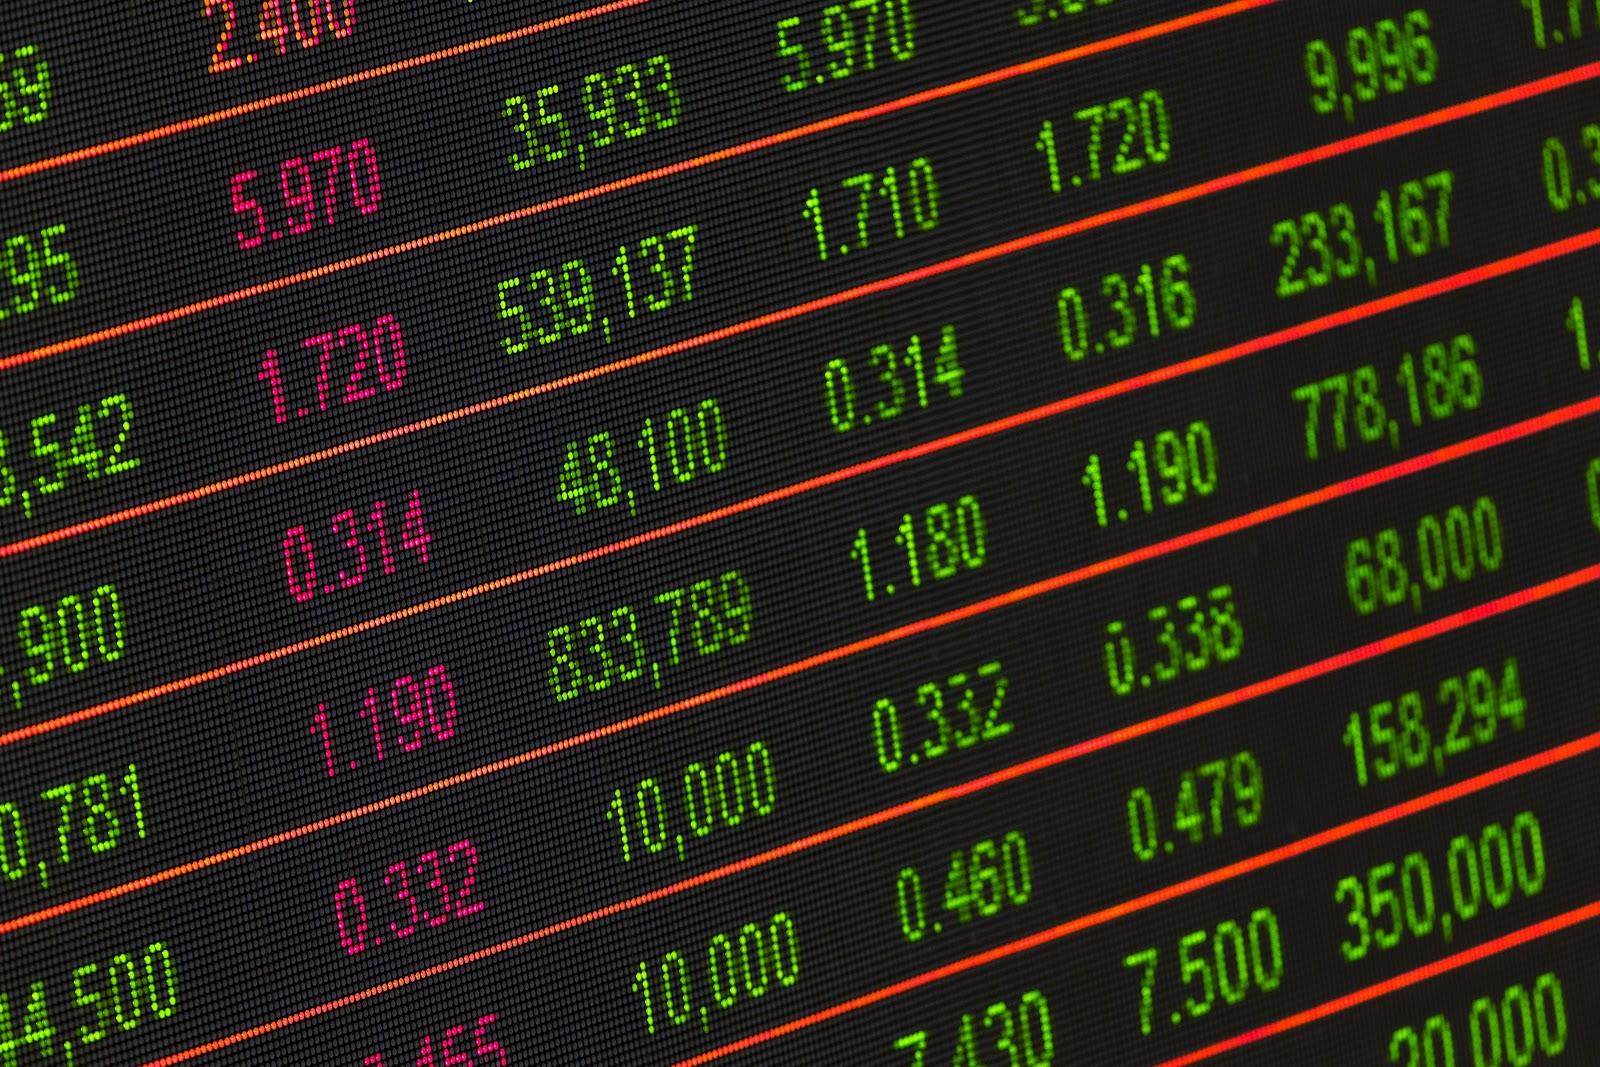 株式市場の値動きの電光掲示板